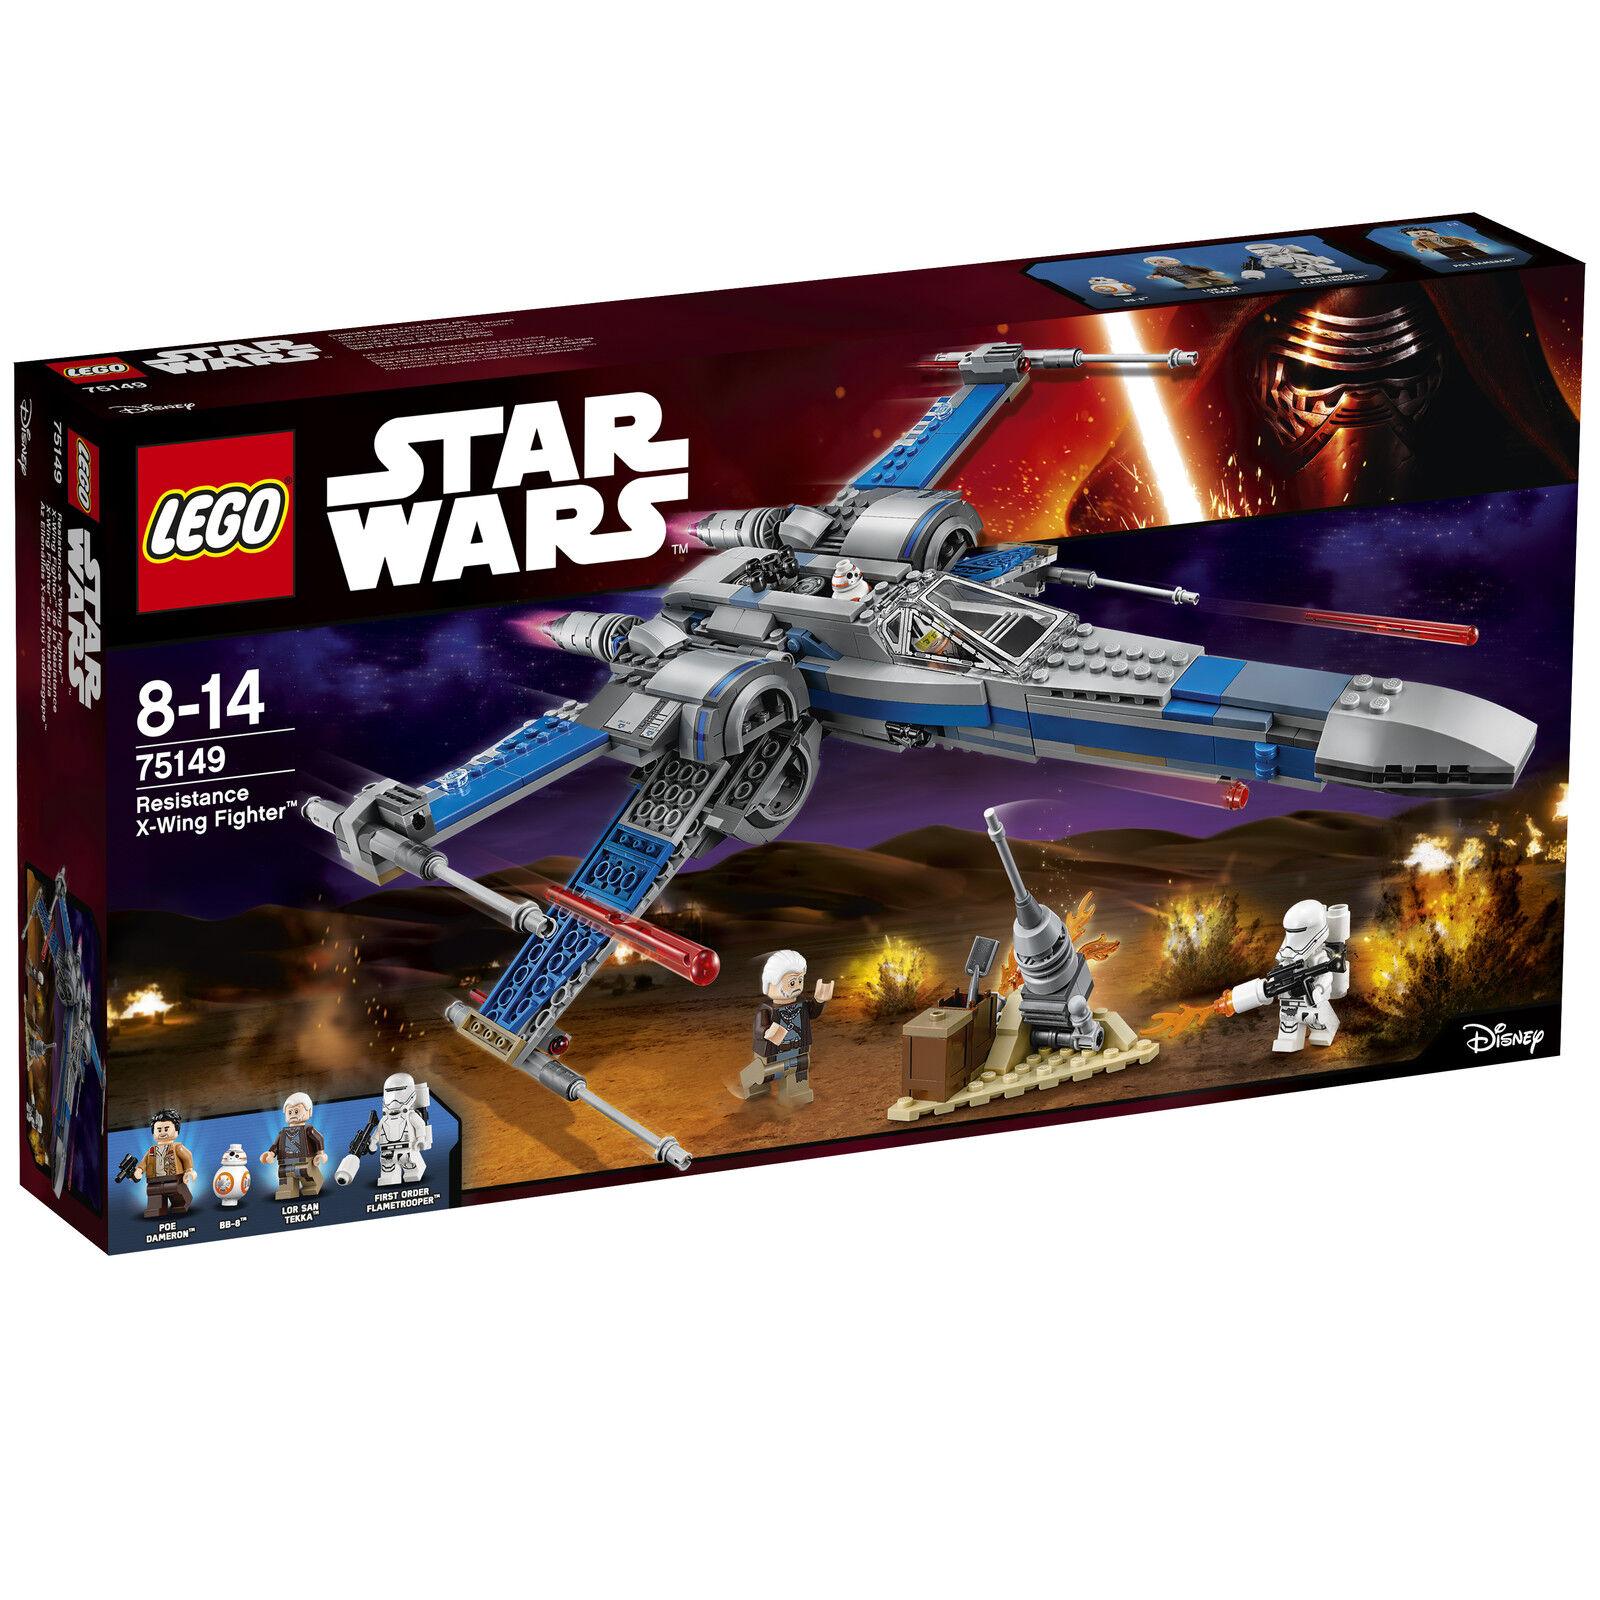 LEGO ® Star Wars ™ 75149 RESISTANCE X-Wing Fighter ™ Nouveau neuf dans sa boîte NEW En parfait état, dans sa boîte scellée Boîte d'origine jamais ouverte